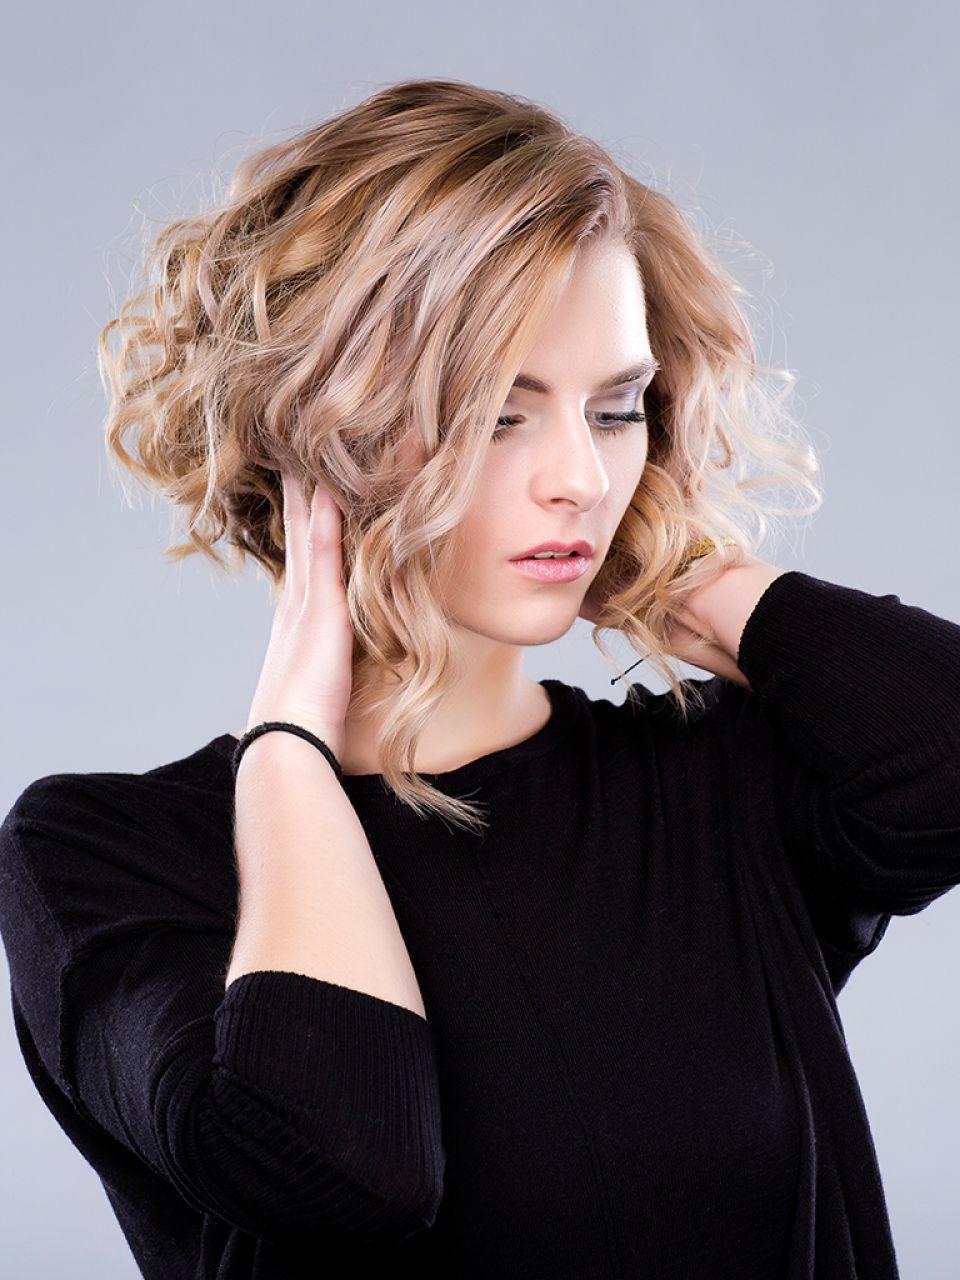 Frisuren fur feines haar mit naturwelle